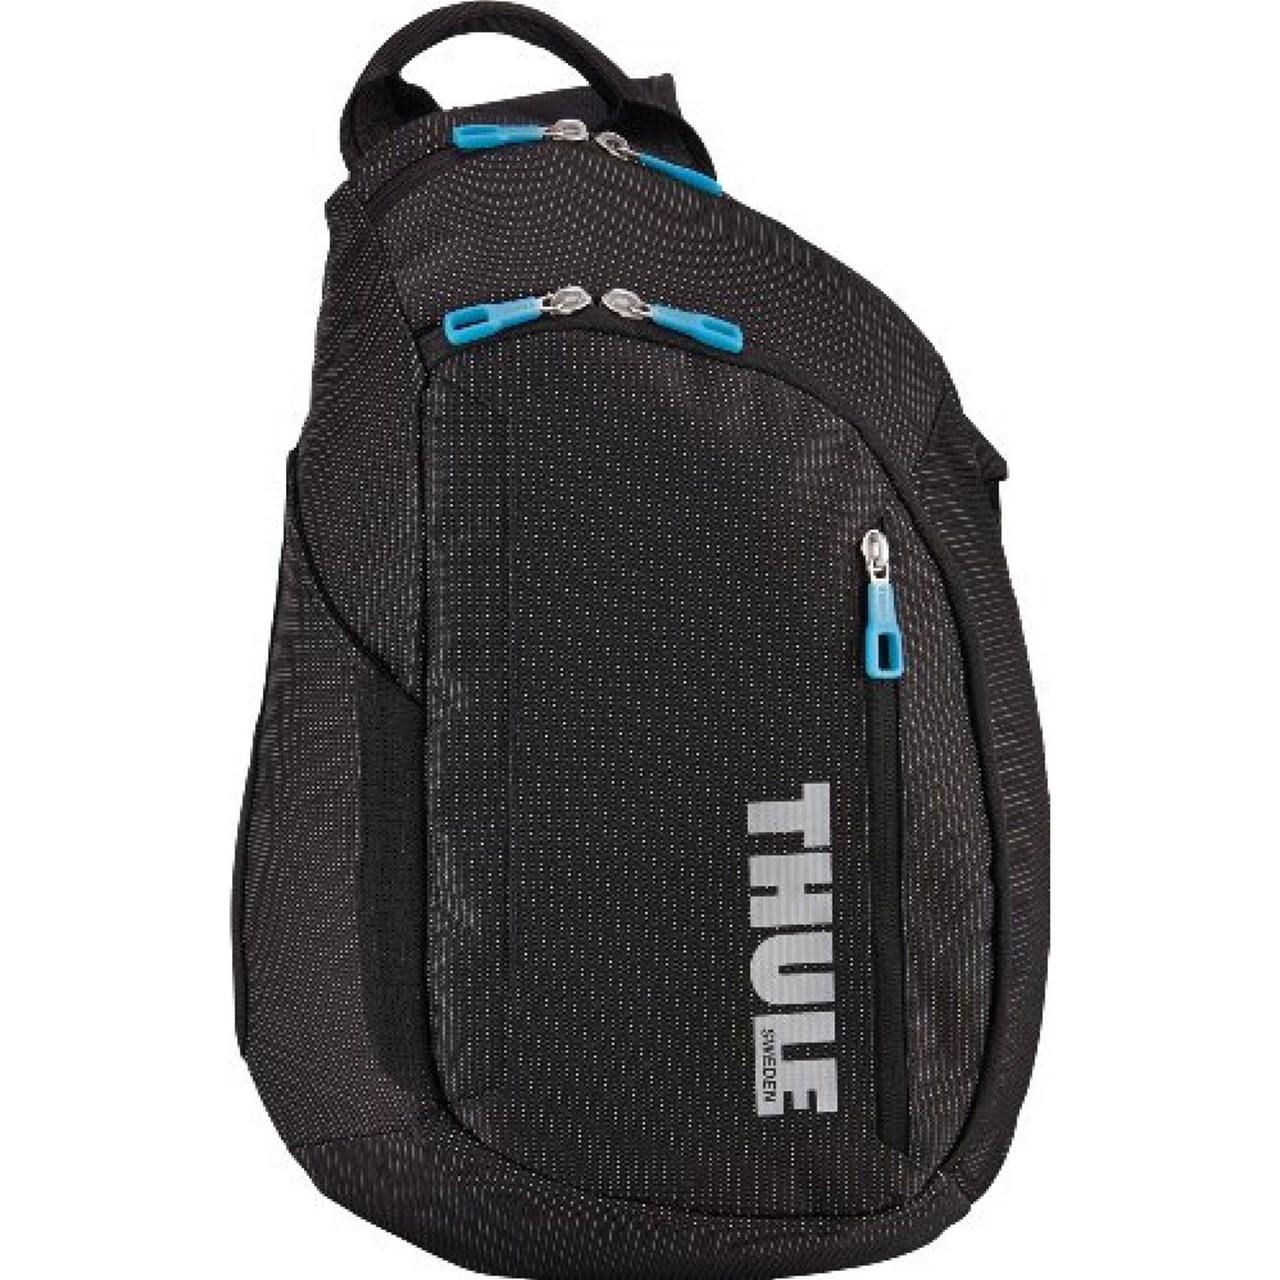 کیف لپ تاپ توله مدل TCSP-313 مناسب برای مکبوک پرو 13 اینچی